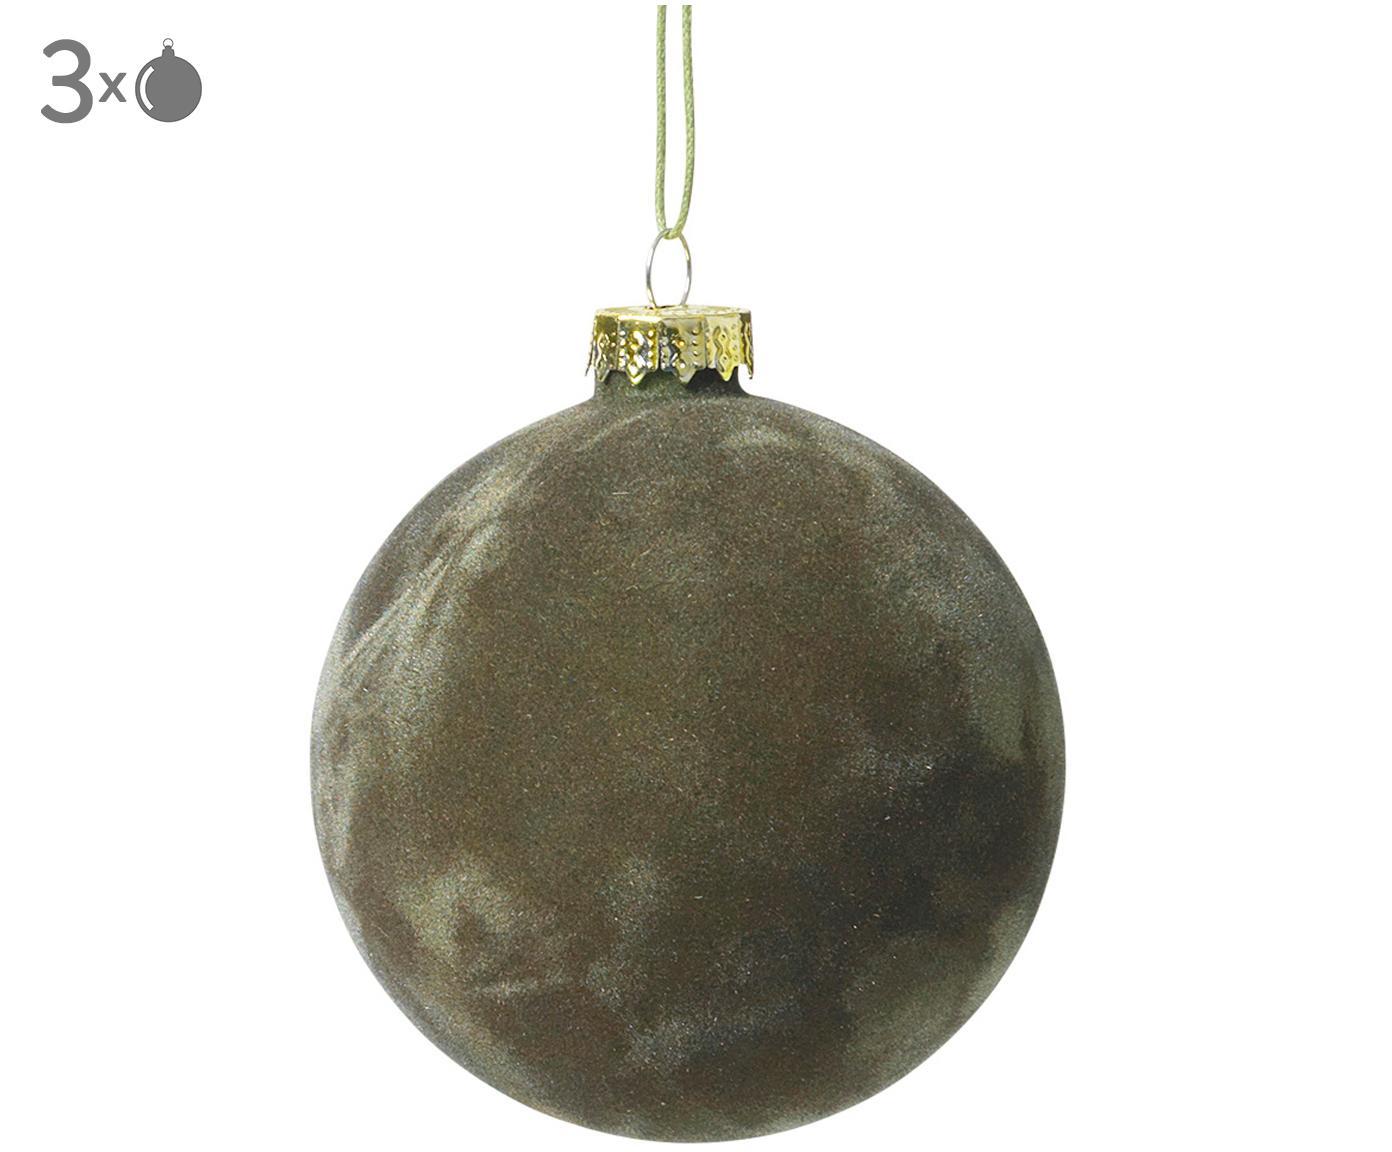 Fluwelen kerstballen Alcan, 3 stuks, Donkergroen, Ø 8 x H 8 cm